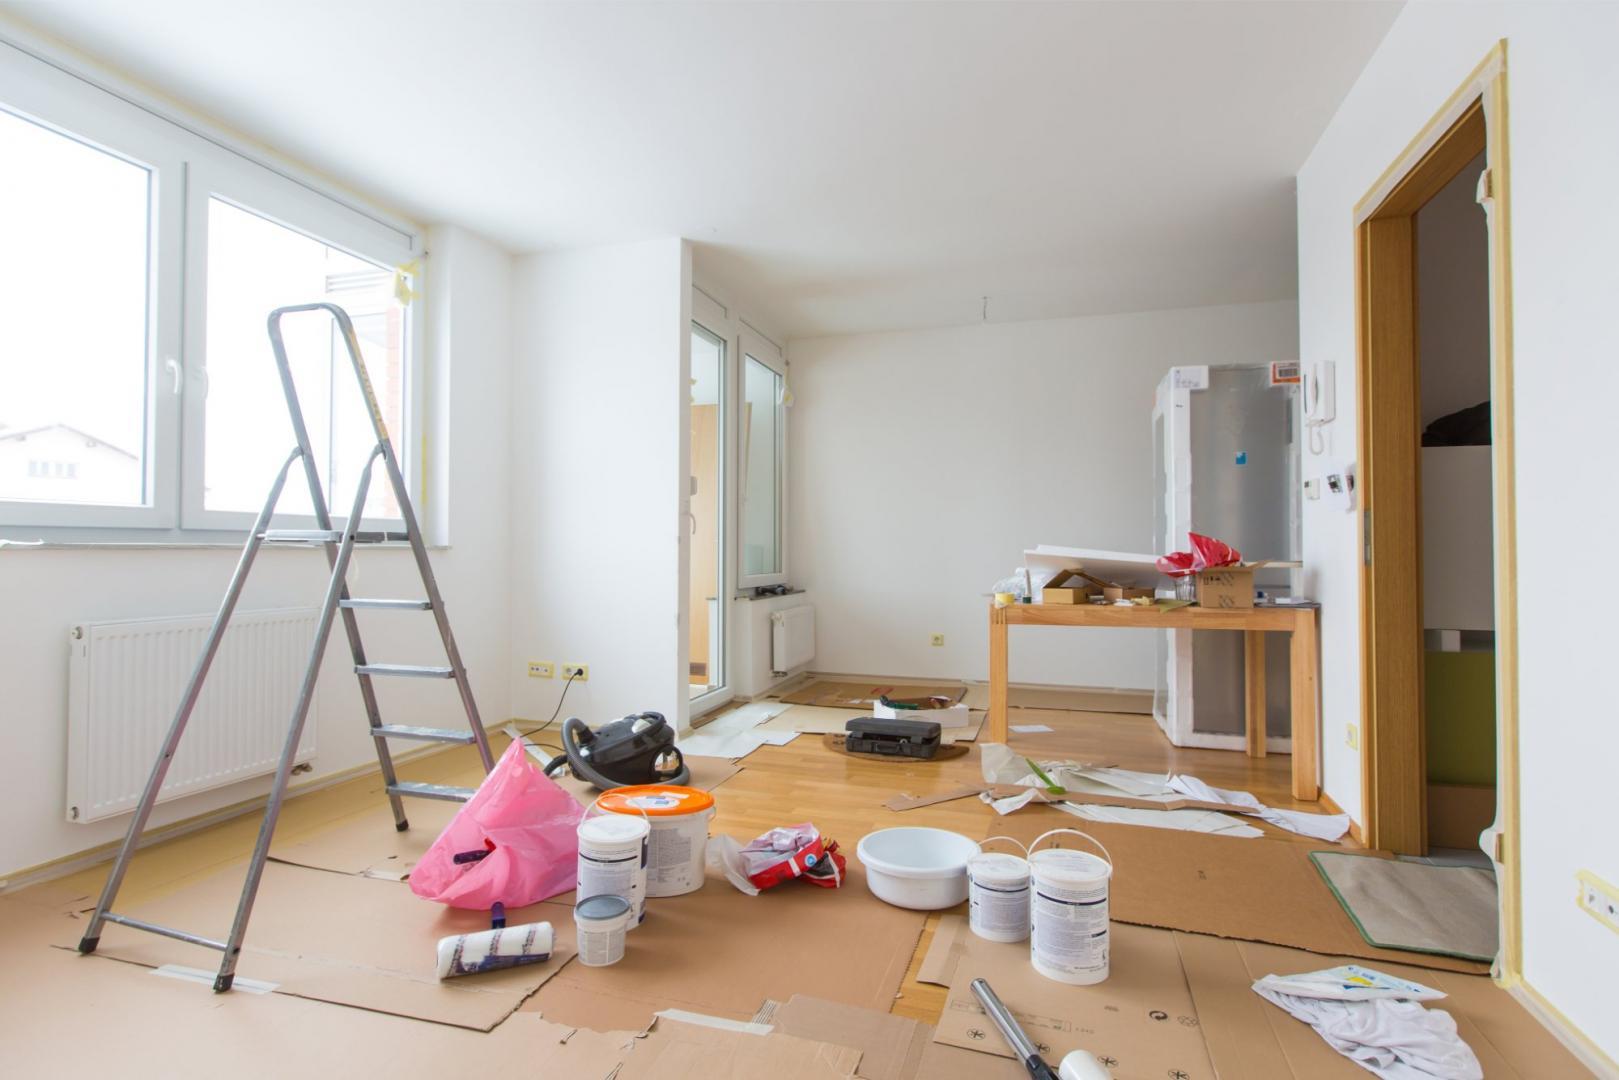 Rénovation maison: erreurs à ne pas commettre